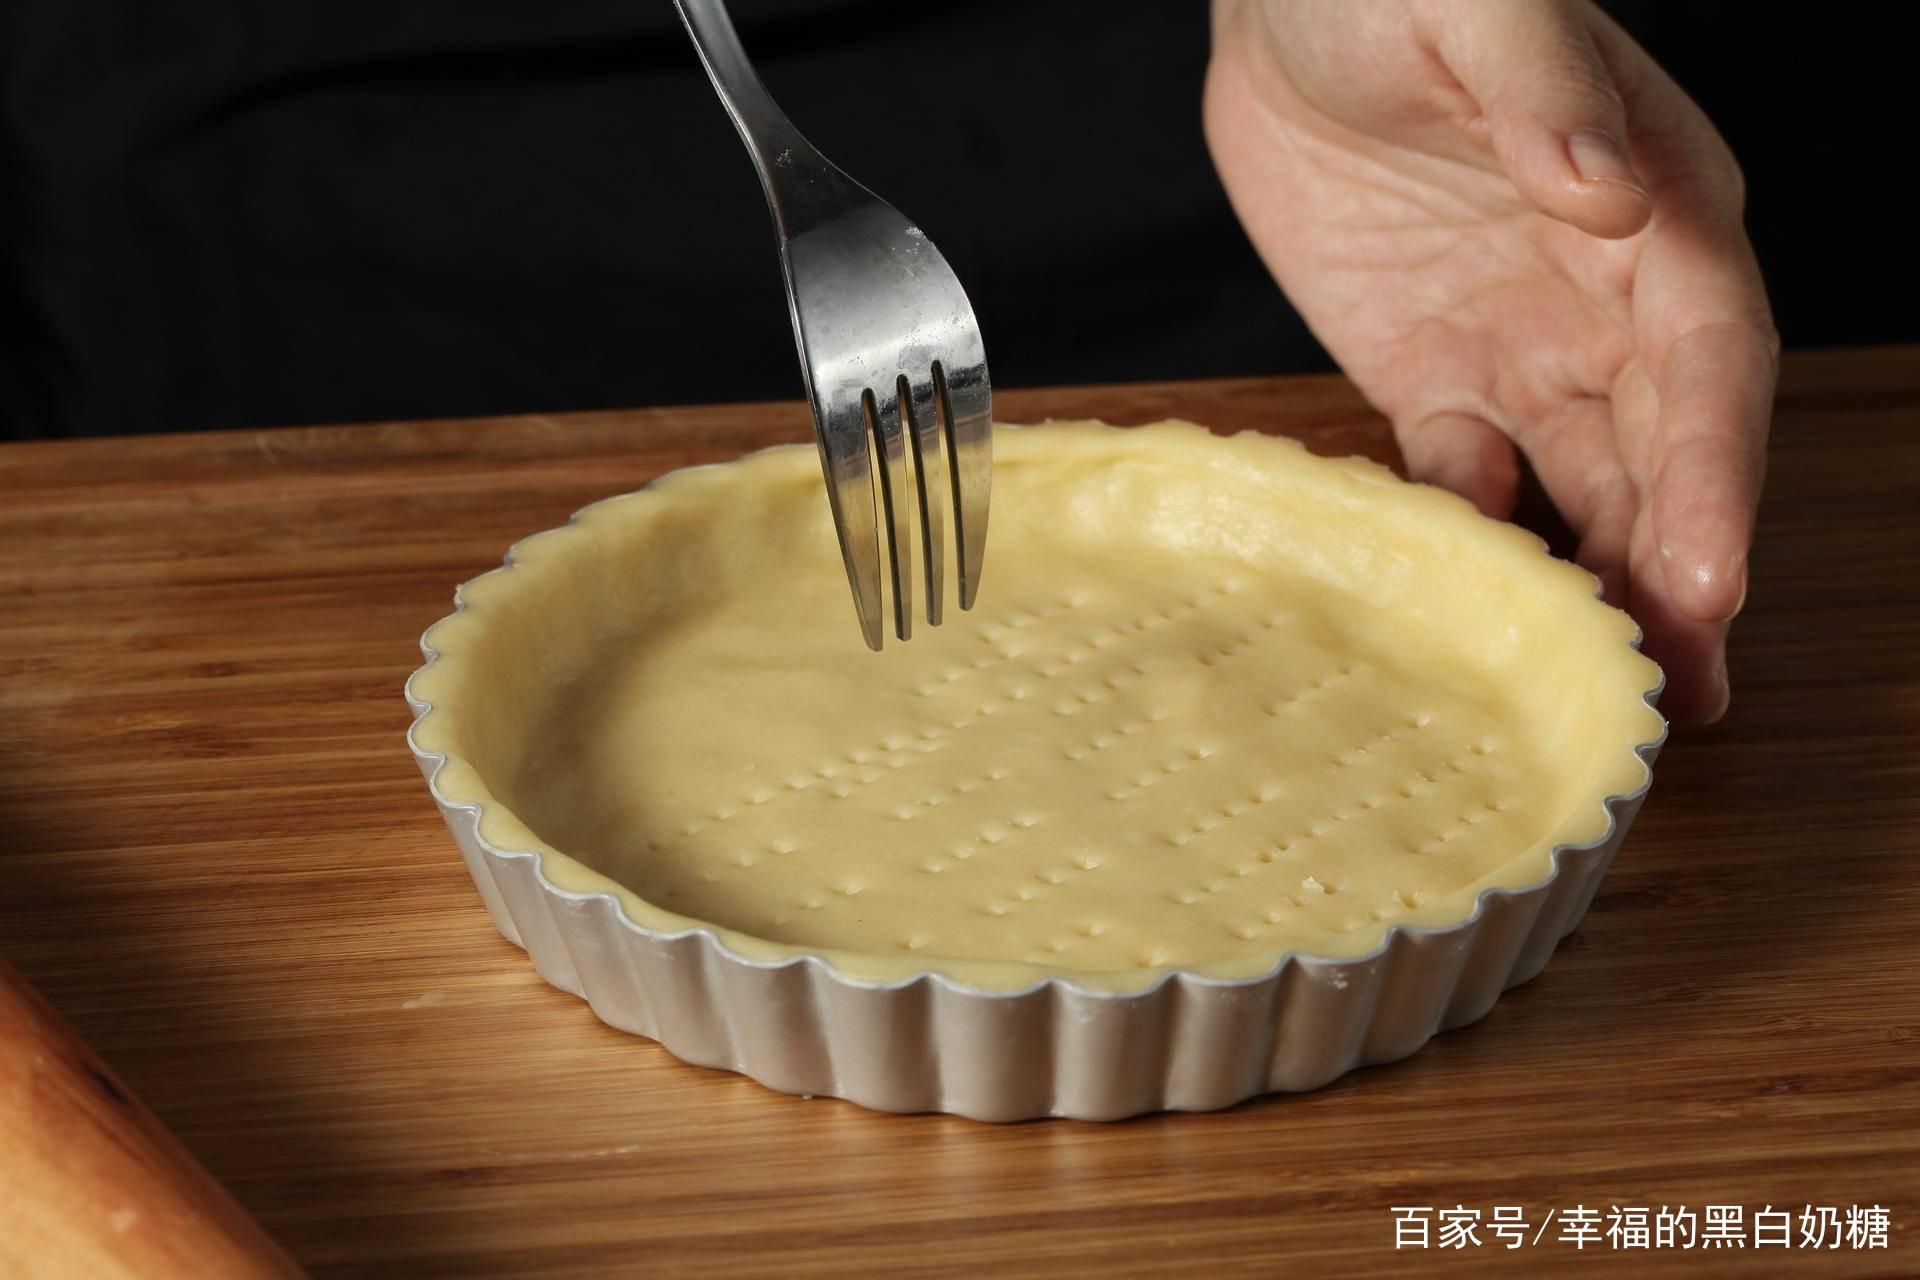 简单香甜的法式苹果派,用蒸烤箱在家自己做,比买得实惠好吃